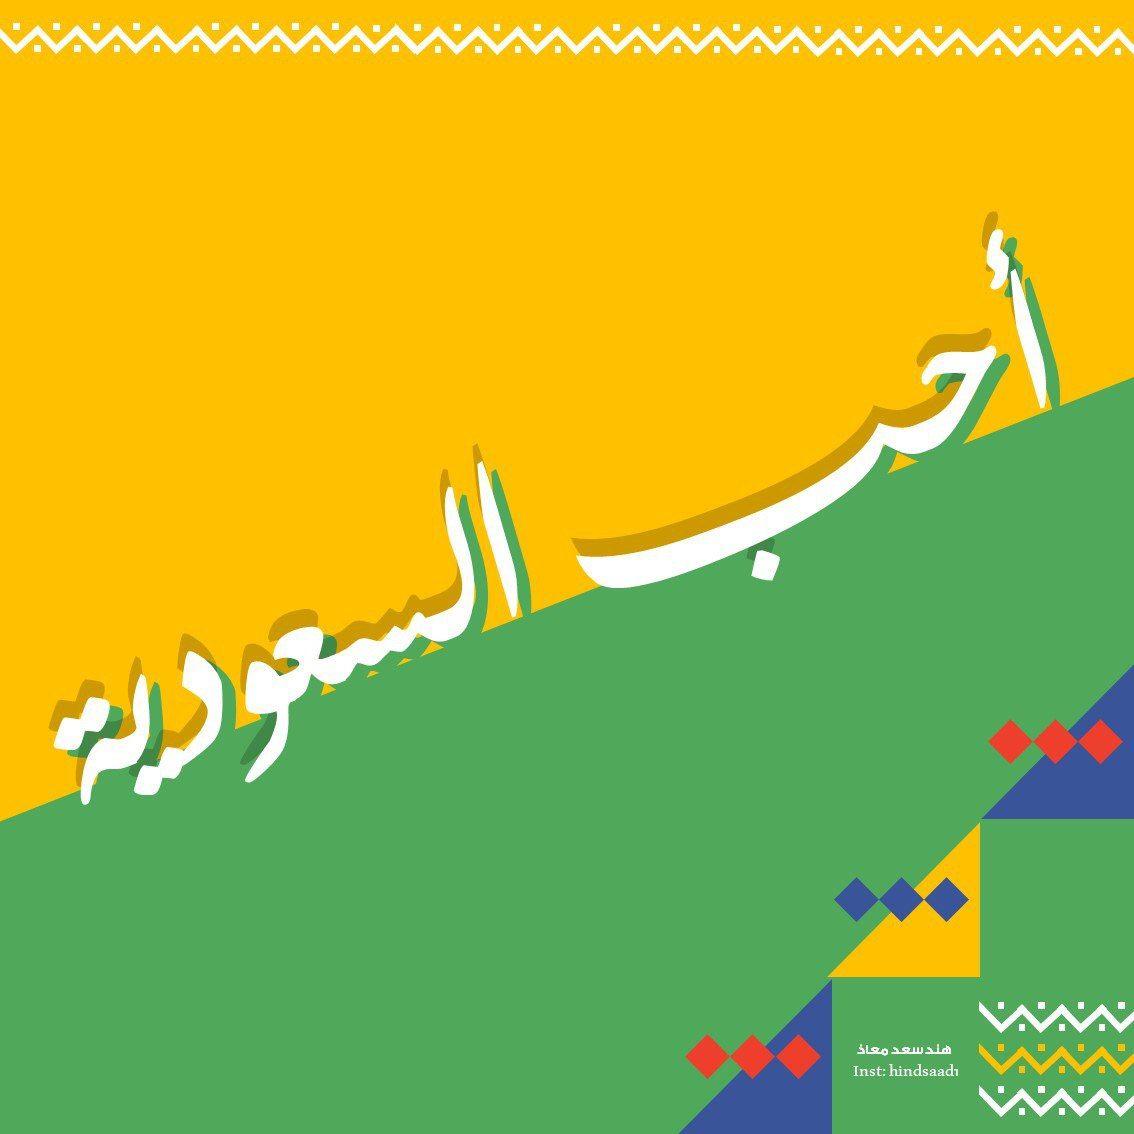 تصميمي بمناسبة اليوم الوطني السعودي National Day Saudi Instagram Story Art